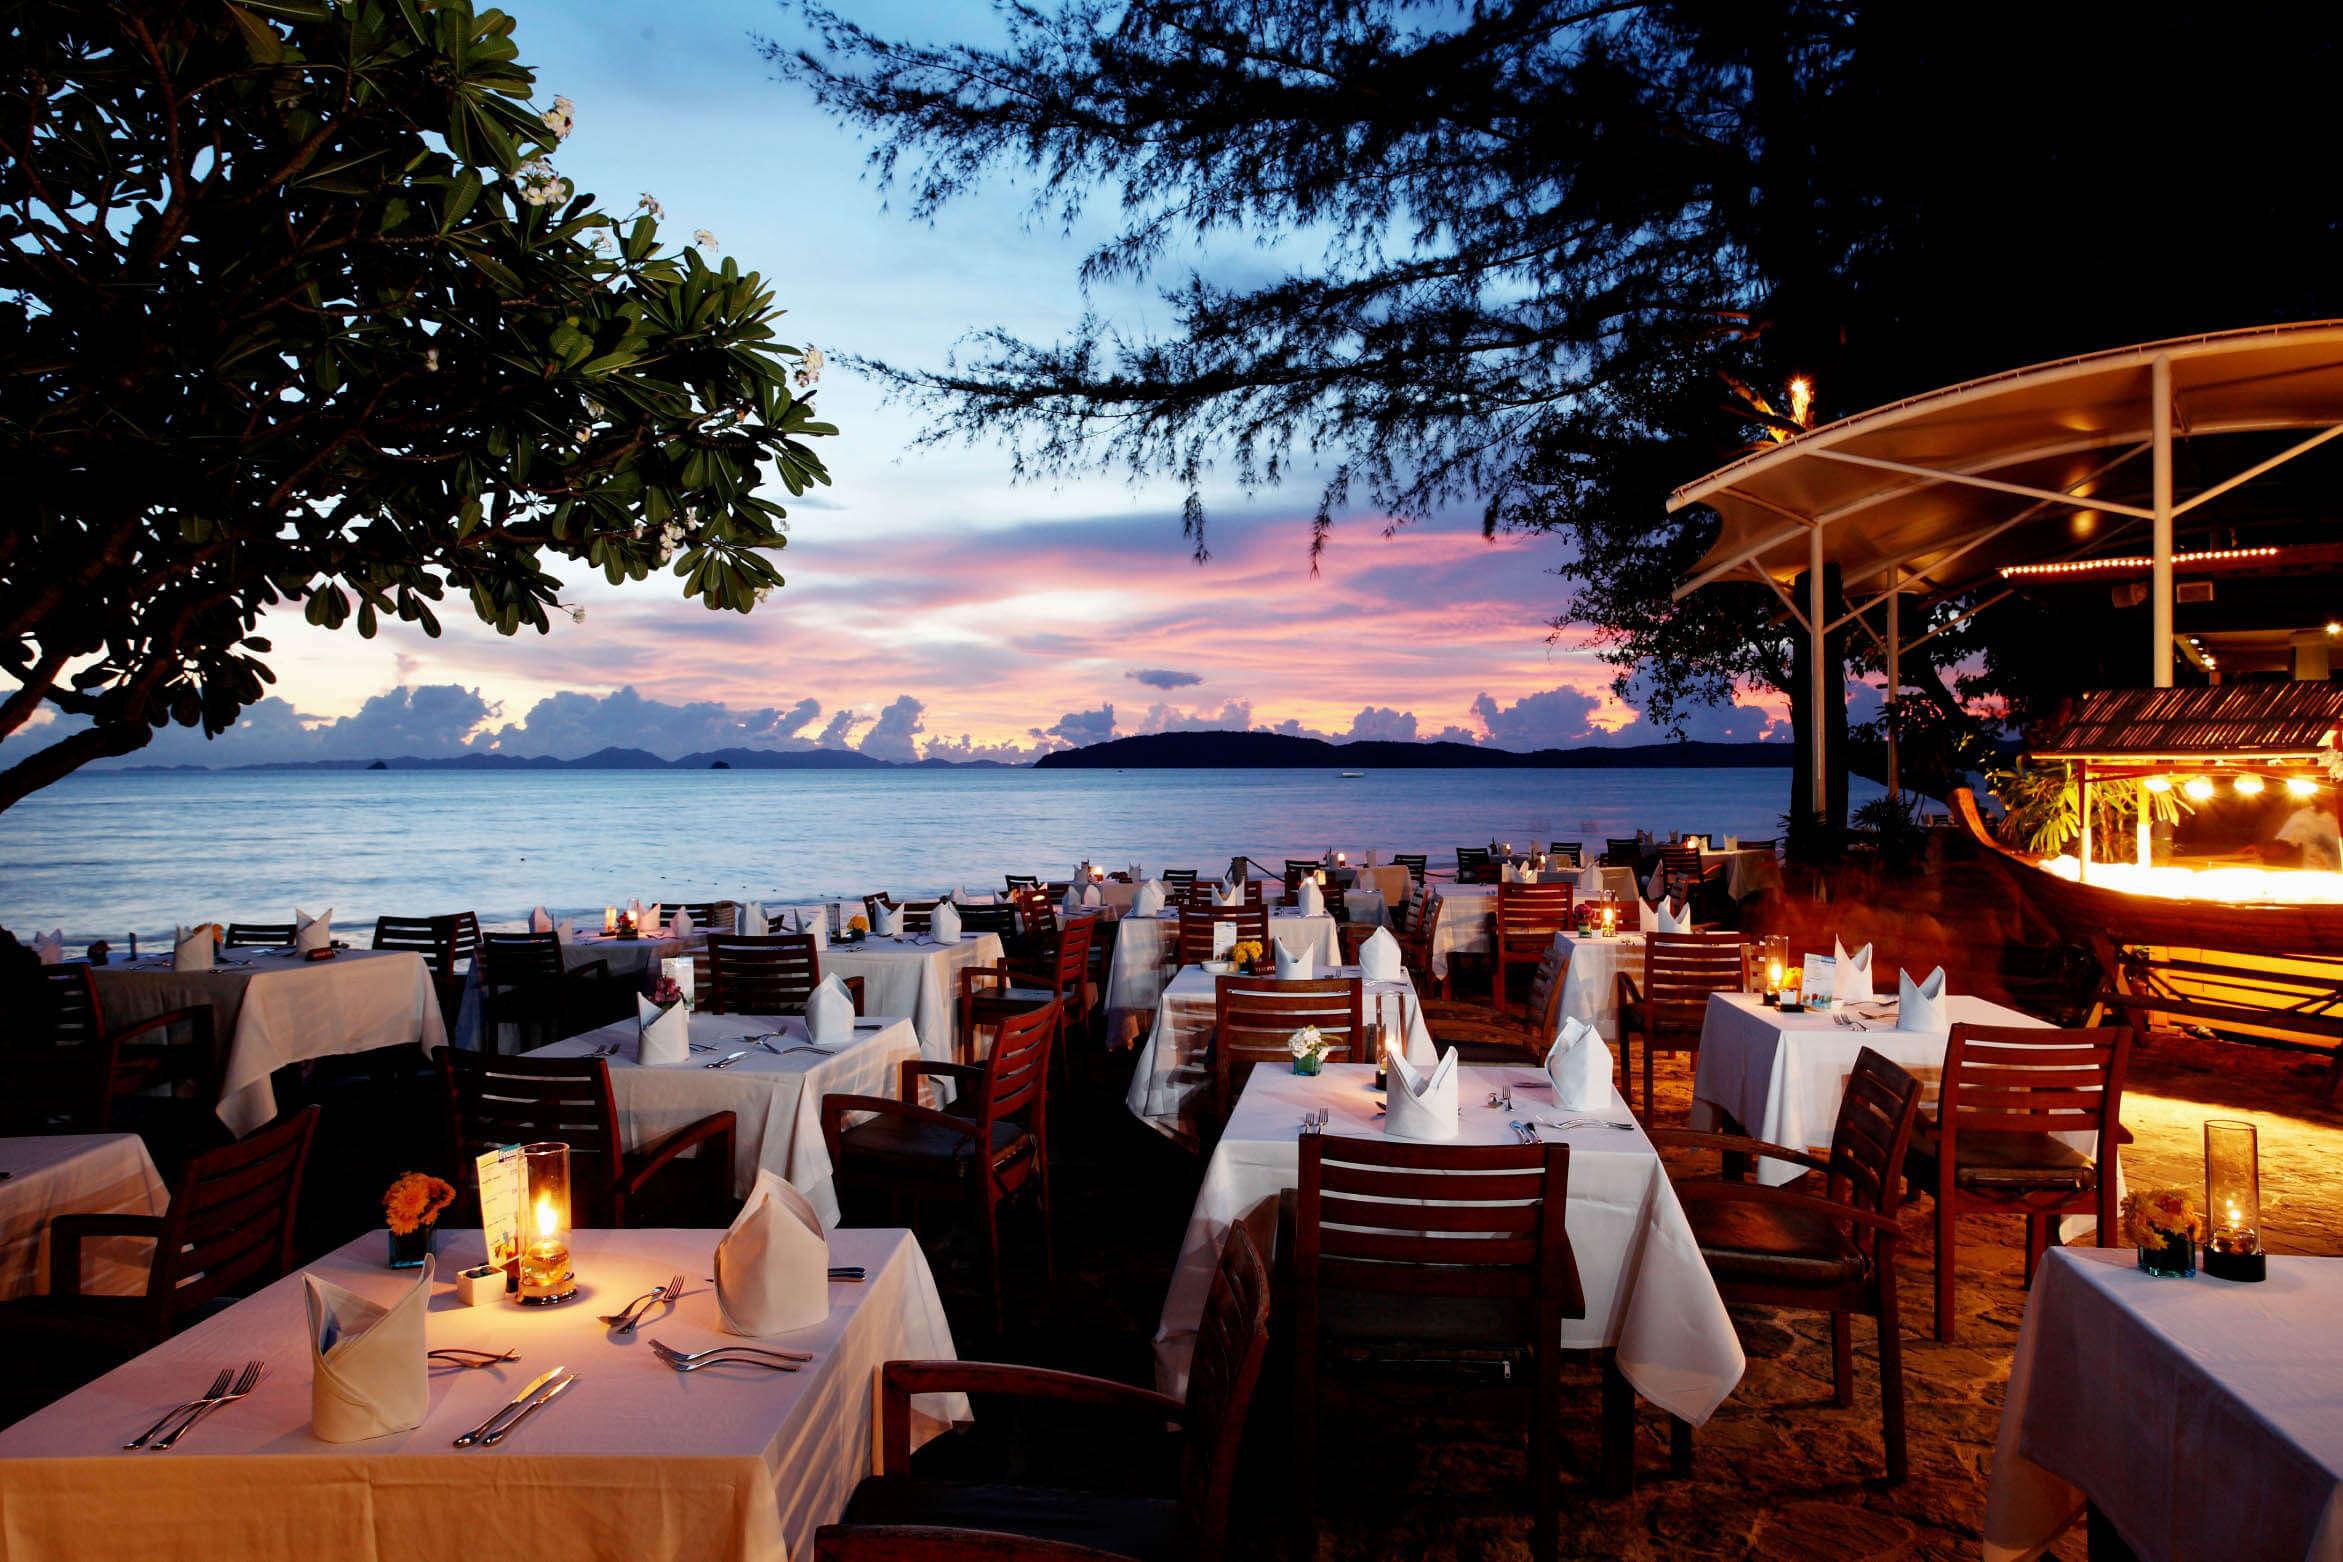 one of the best restaurants in Krabi